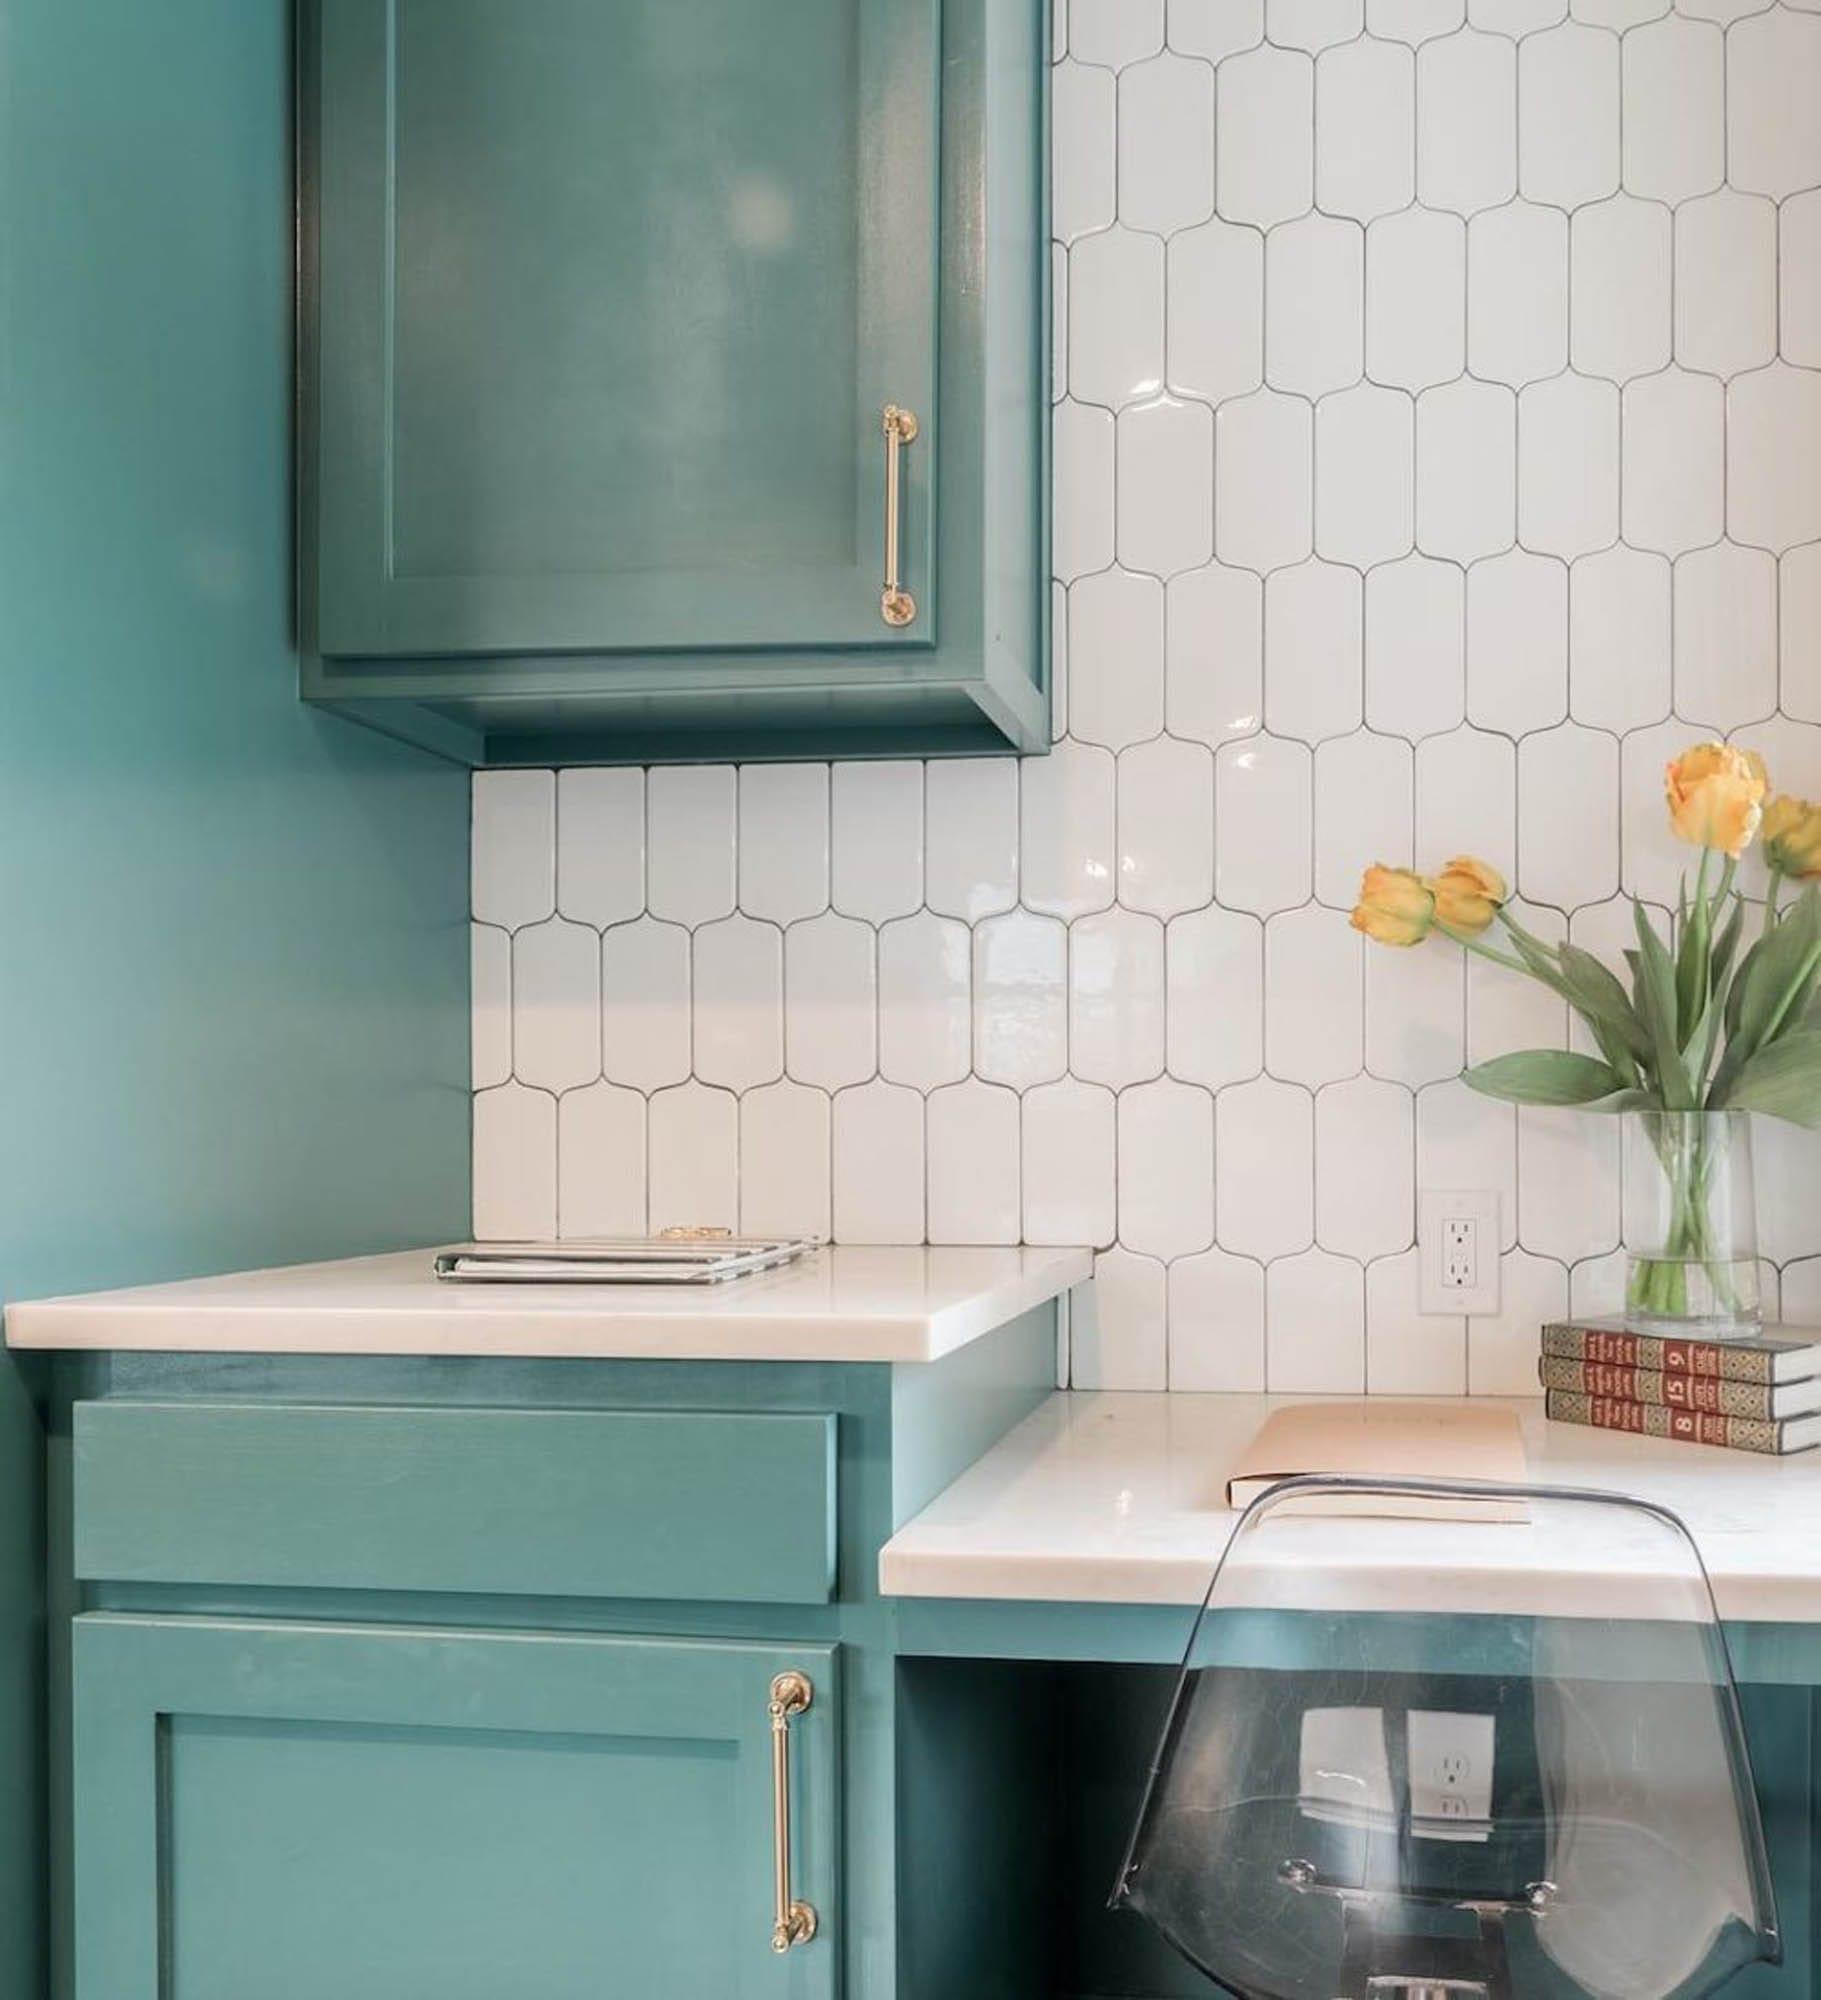 mid century modern style the tile